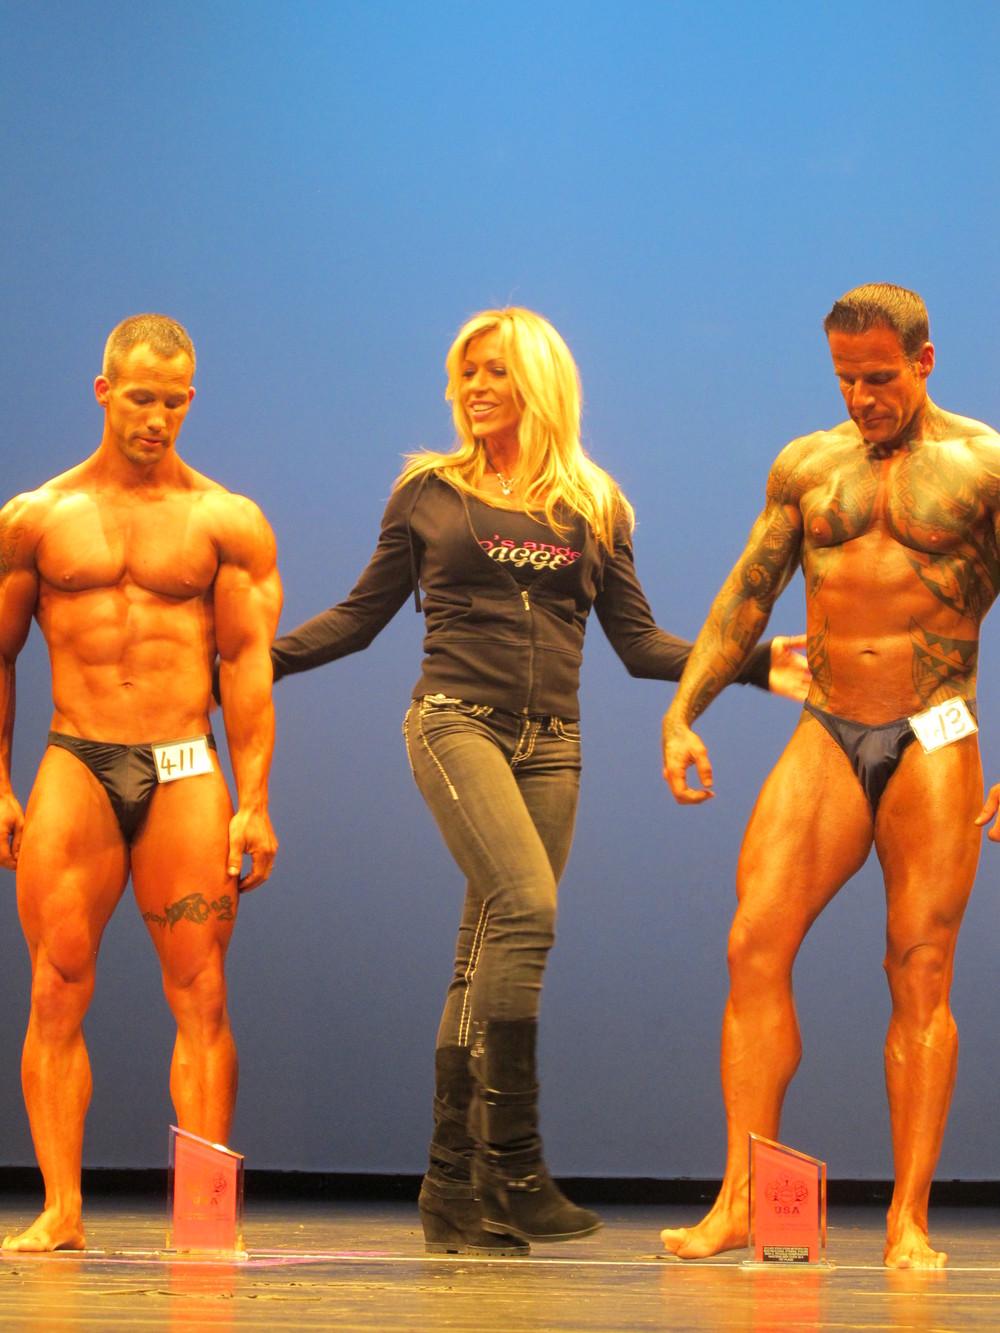 bodybuilding 237.jpg